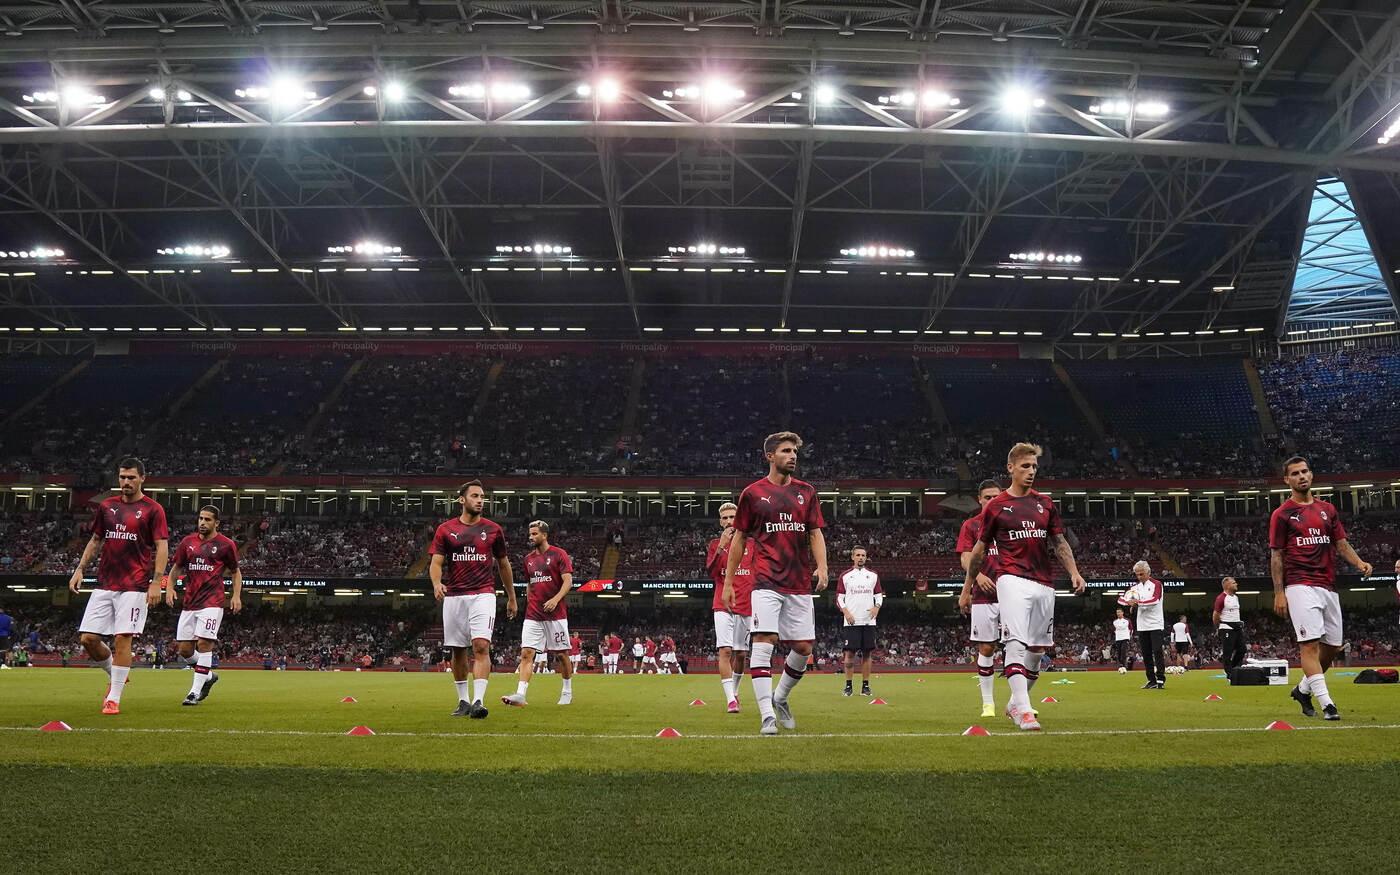 Il Milan brilla a Cardiff, ritrova il gol perduto nella tournée statunitense e viene sconfitto solo ai rigori dal Manchester United nell'ul...